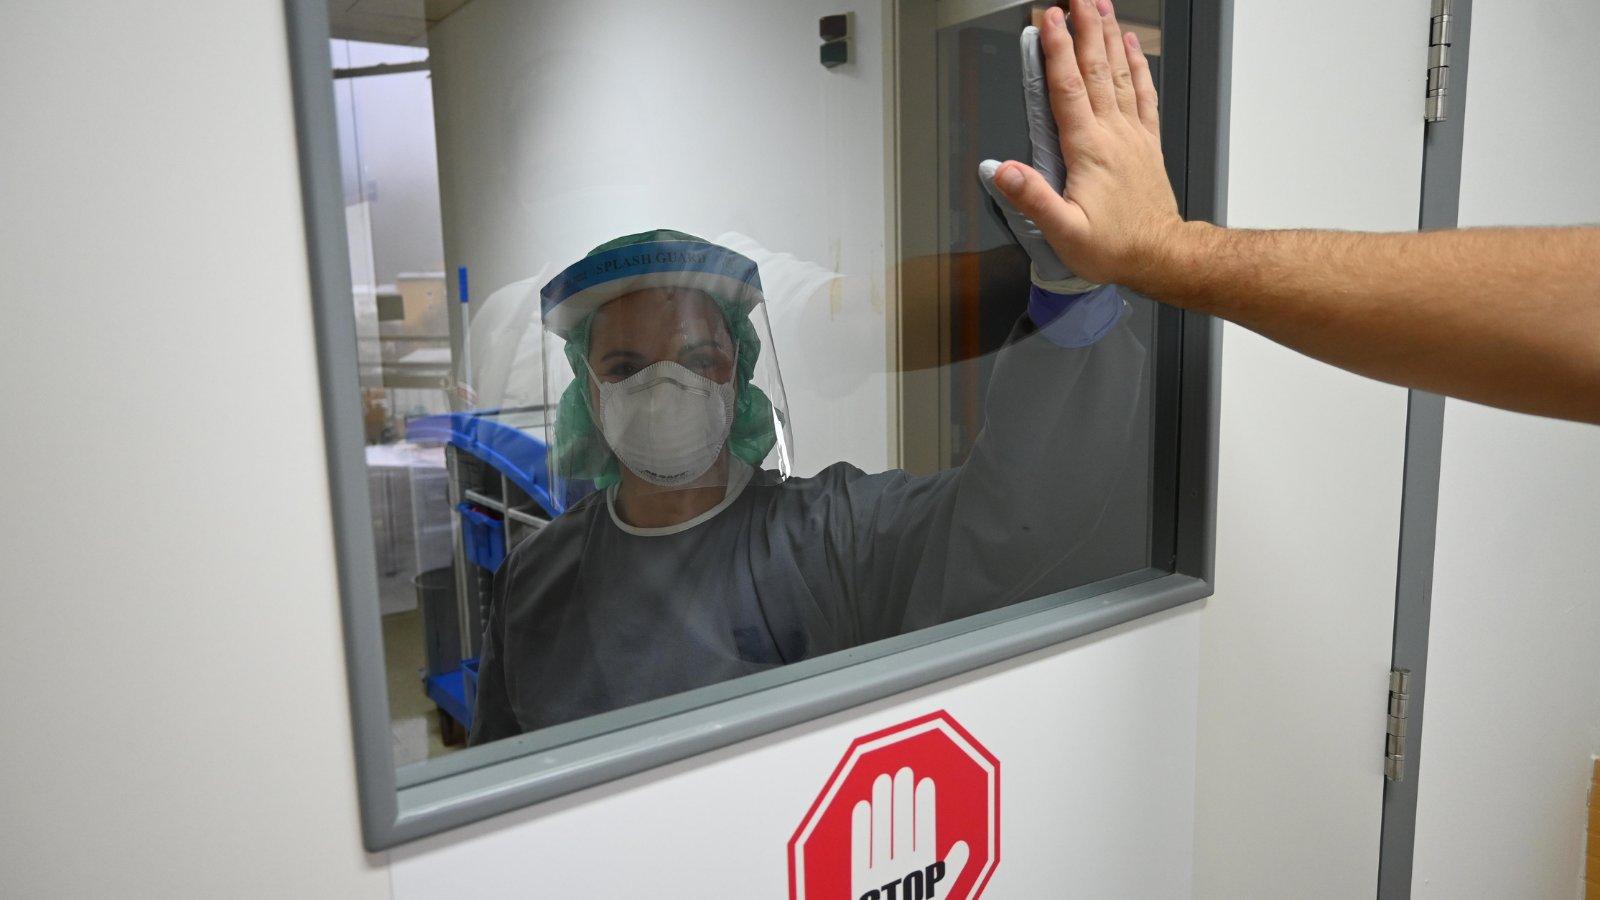 Med tem ko se nekateri trudijo rušit vlado, zdravstveno osebje na zadnjih atomih skrbi za obolele s covidom.